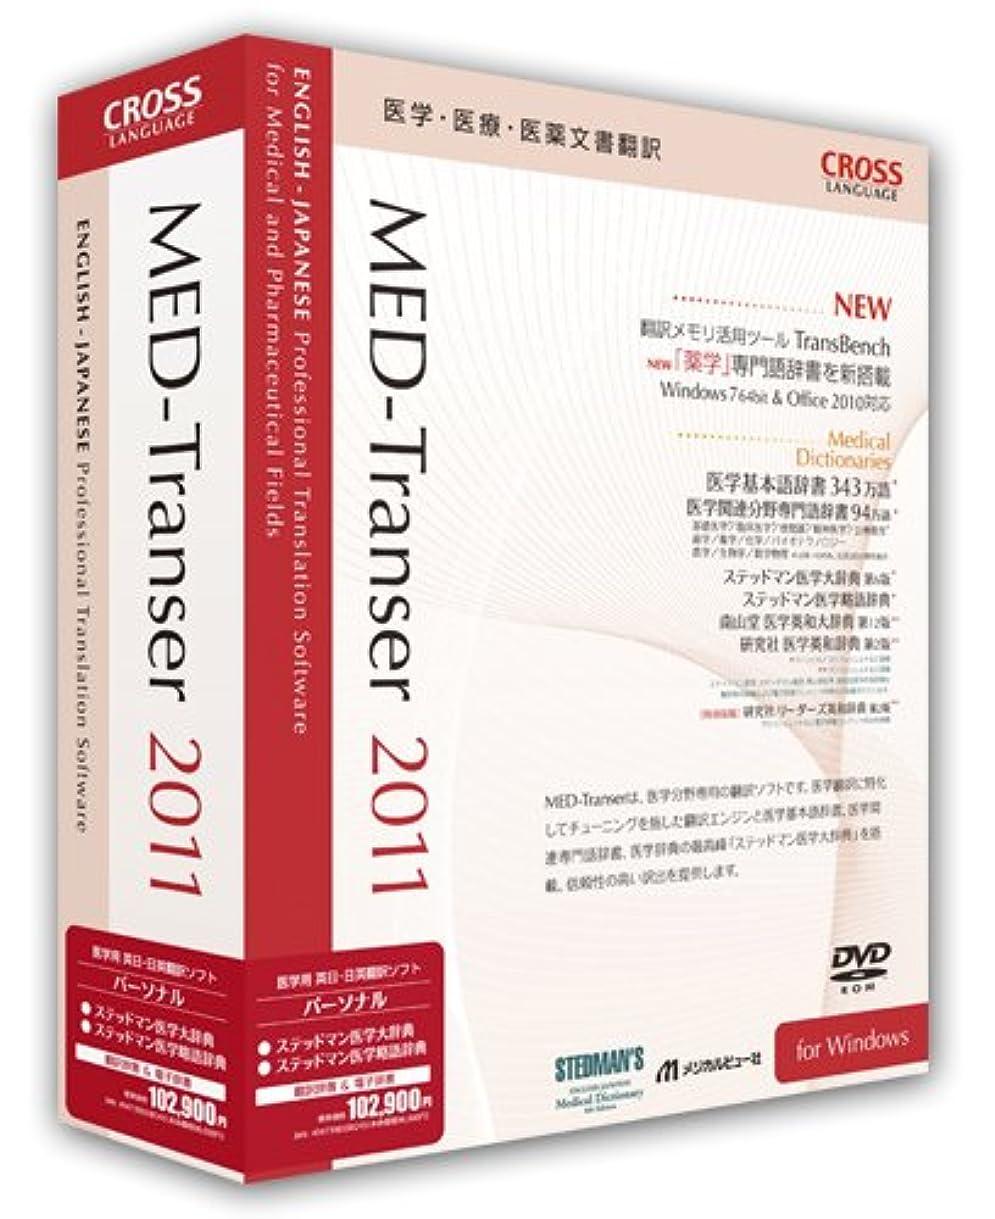 販売員ひまわりご近所MED-Transer 2011 パーソナル for Windows